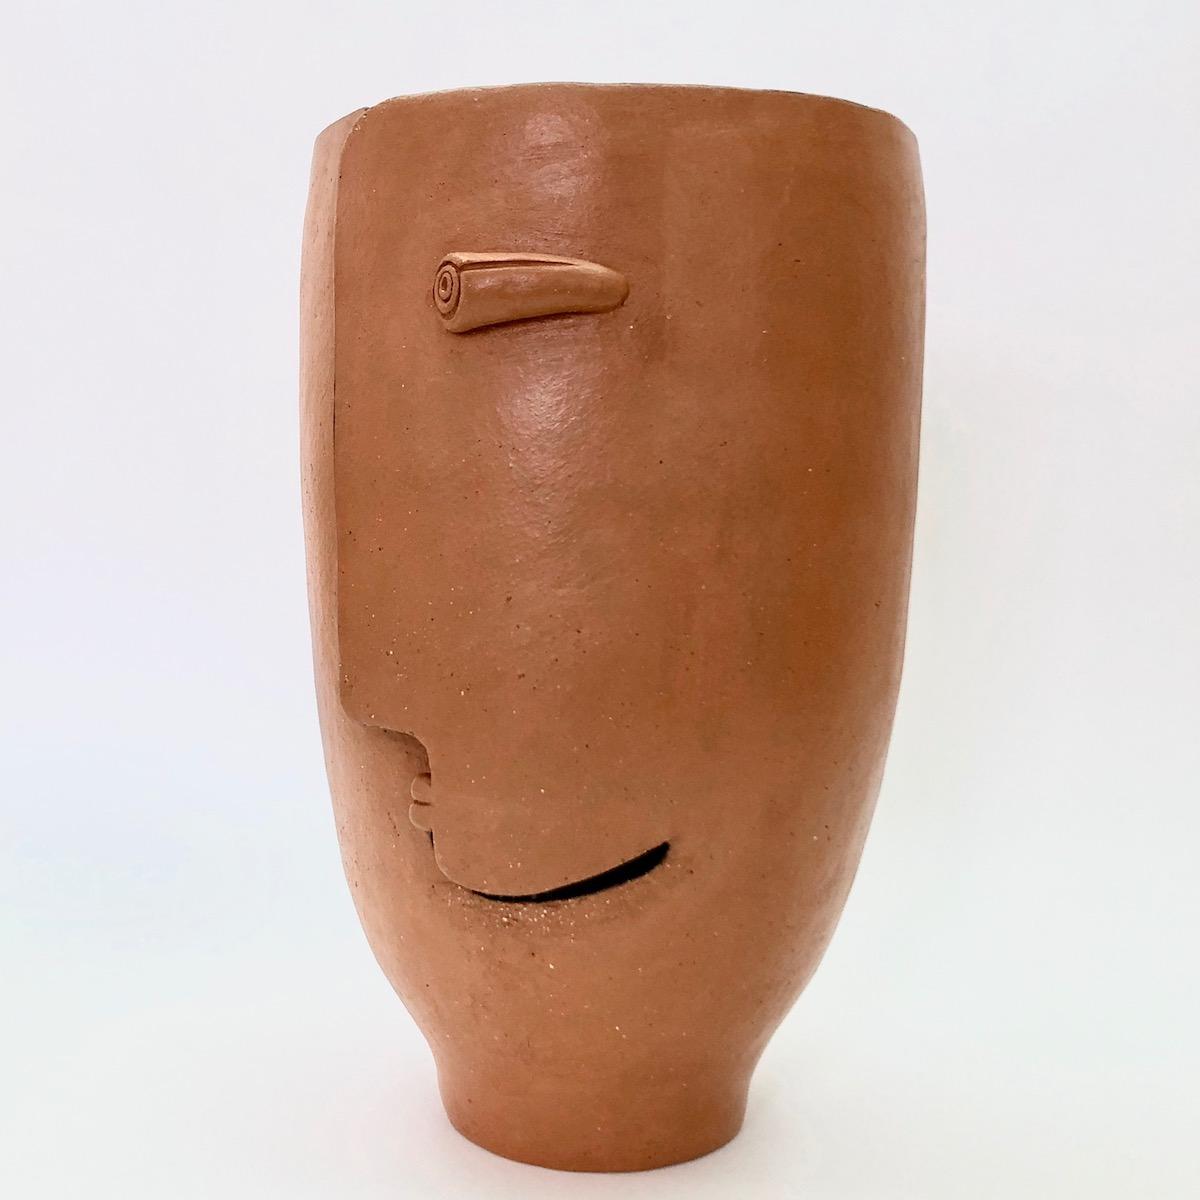 DaLo - Grand vase à demi ouvert